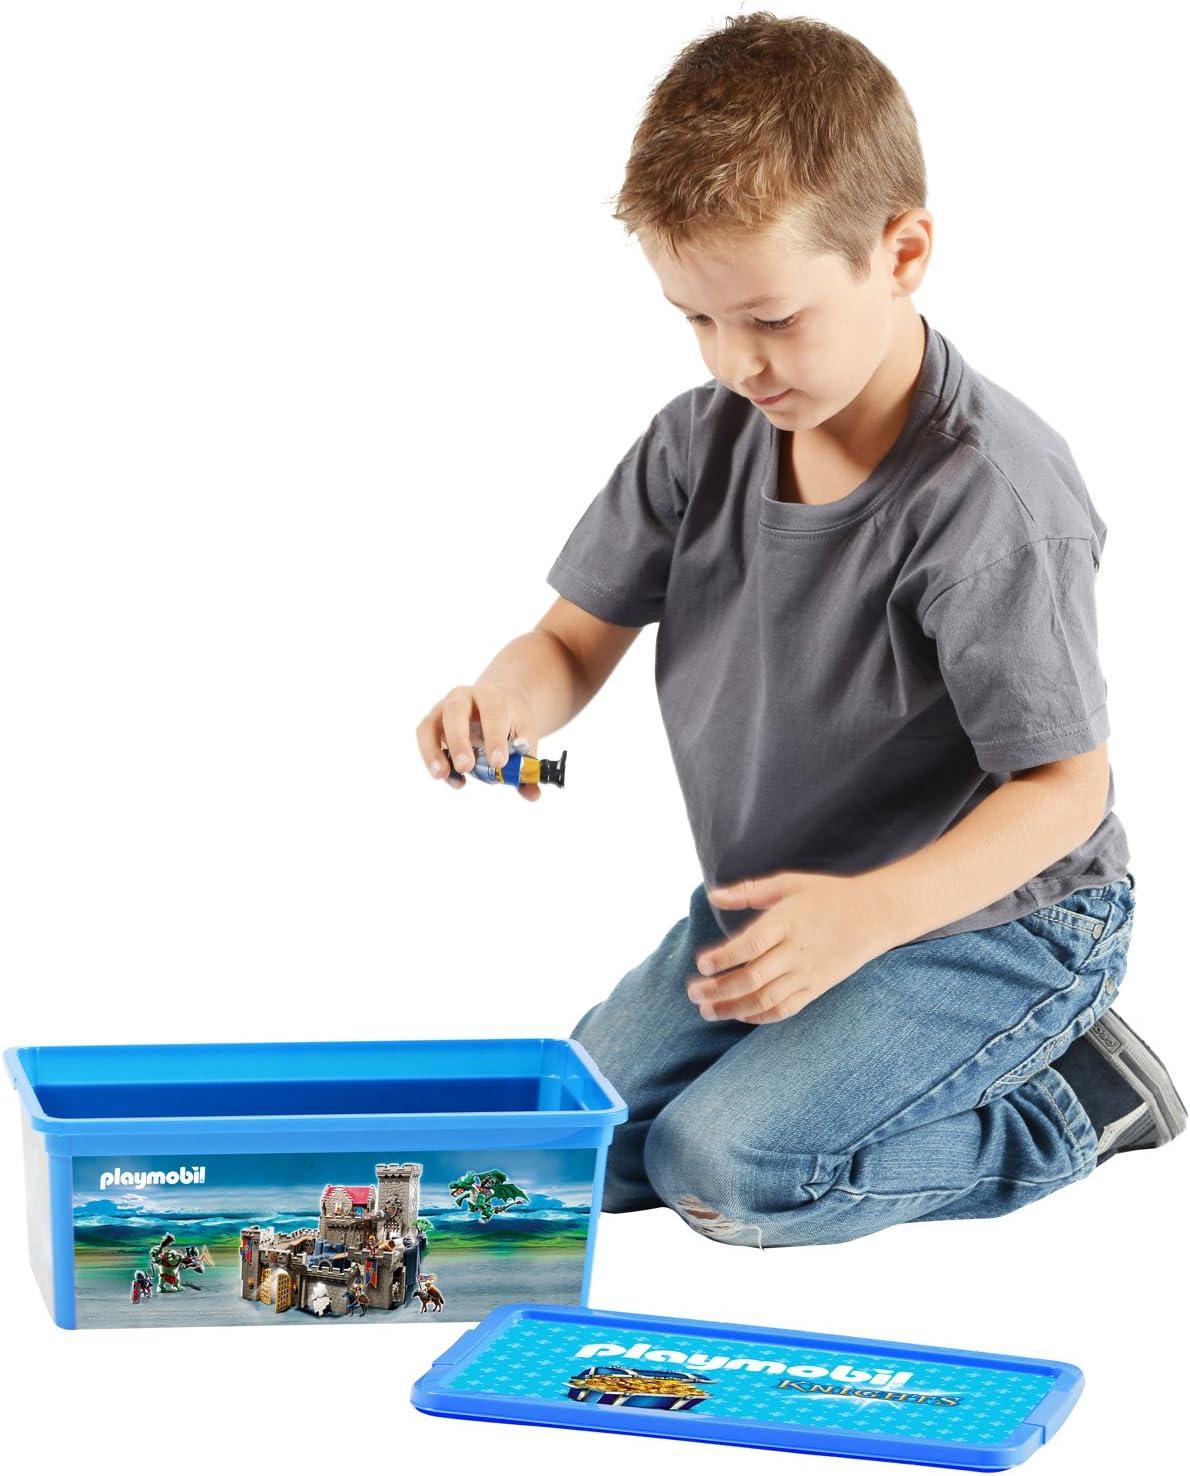 PLAYMOBIL - 064751 - Caja - Los Caballeros - 6 L: Amazon.es: Juguetes y juegos